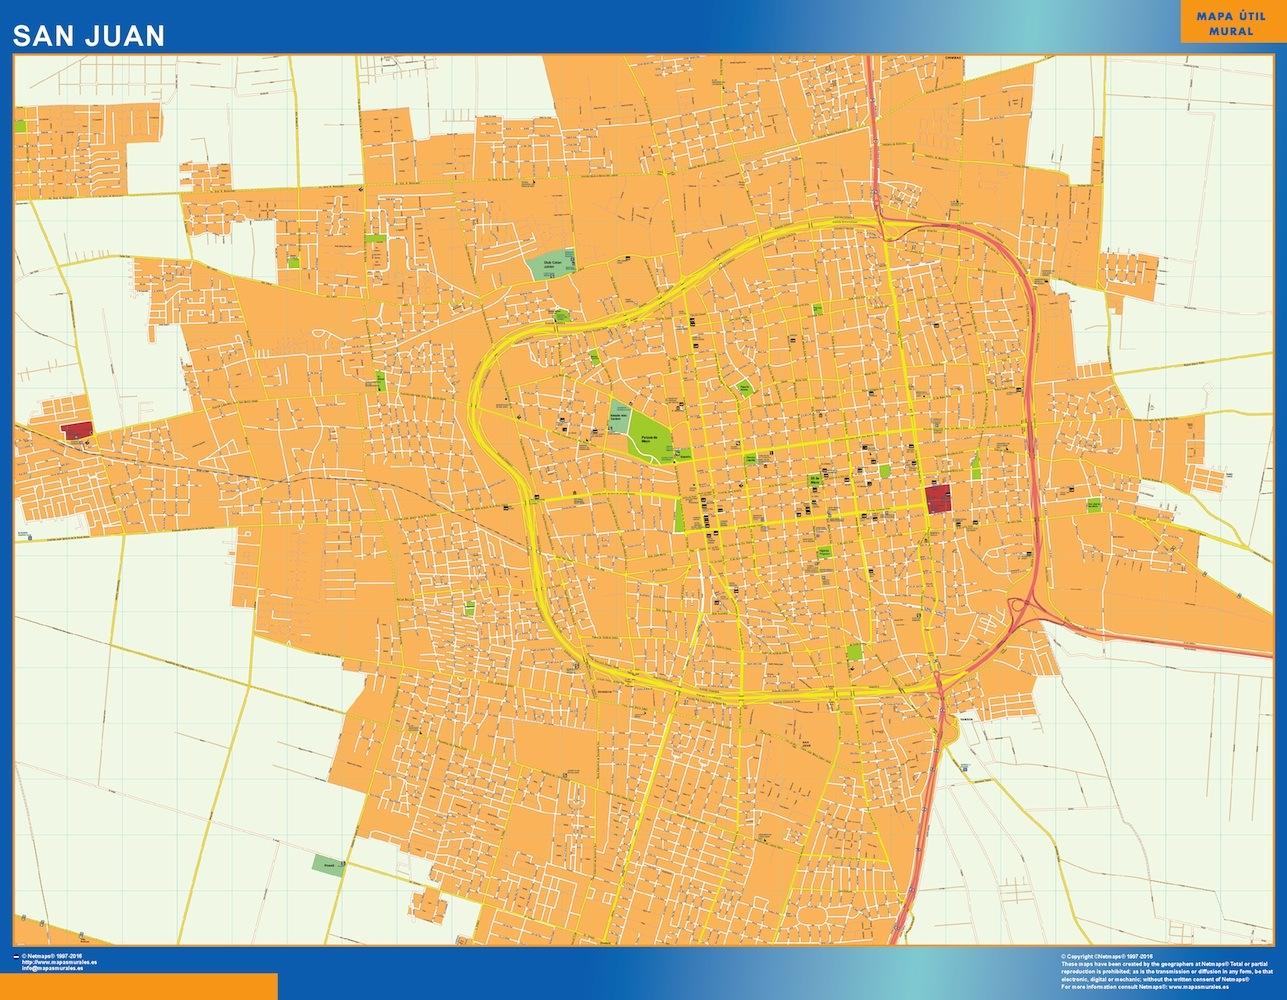 Mapa San Juan en Argentina plastificado gigante